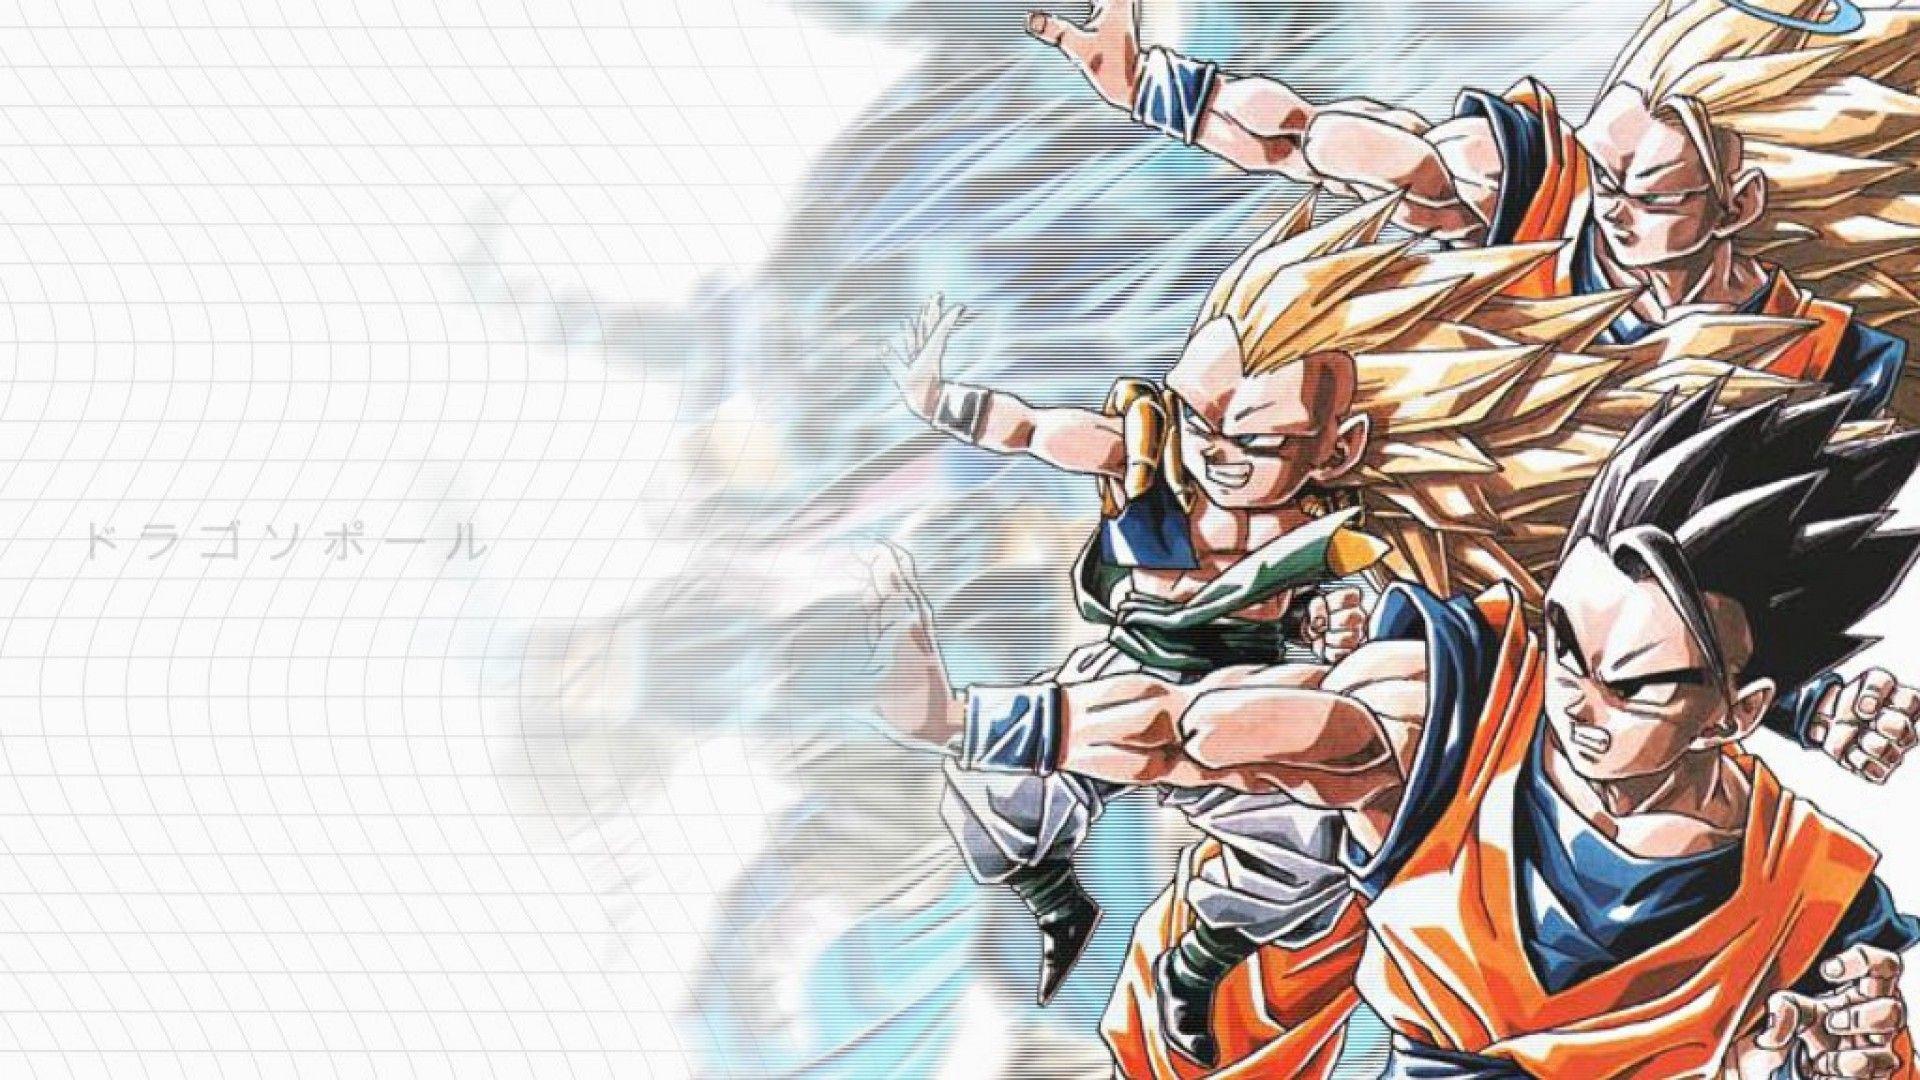 Dragon Ball Z 1080p Wallpaper WallpaperSafari